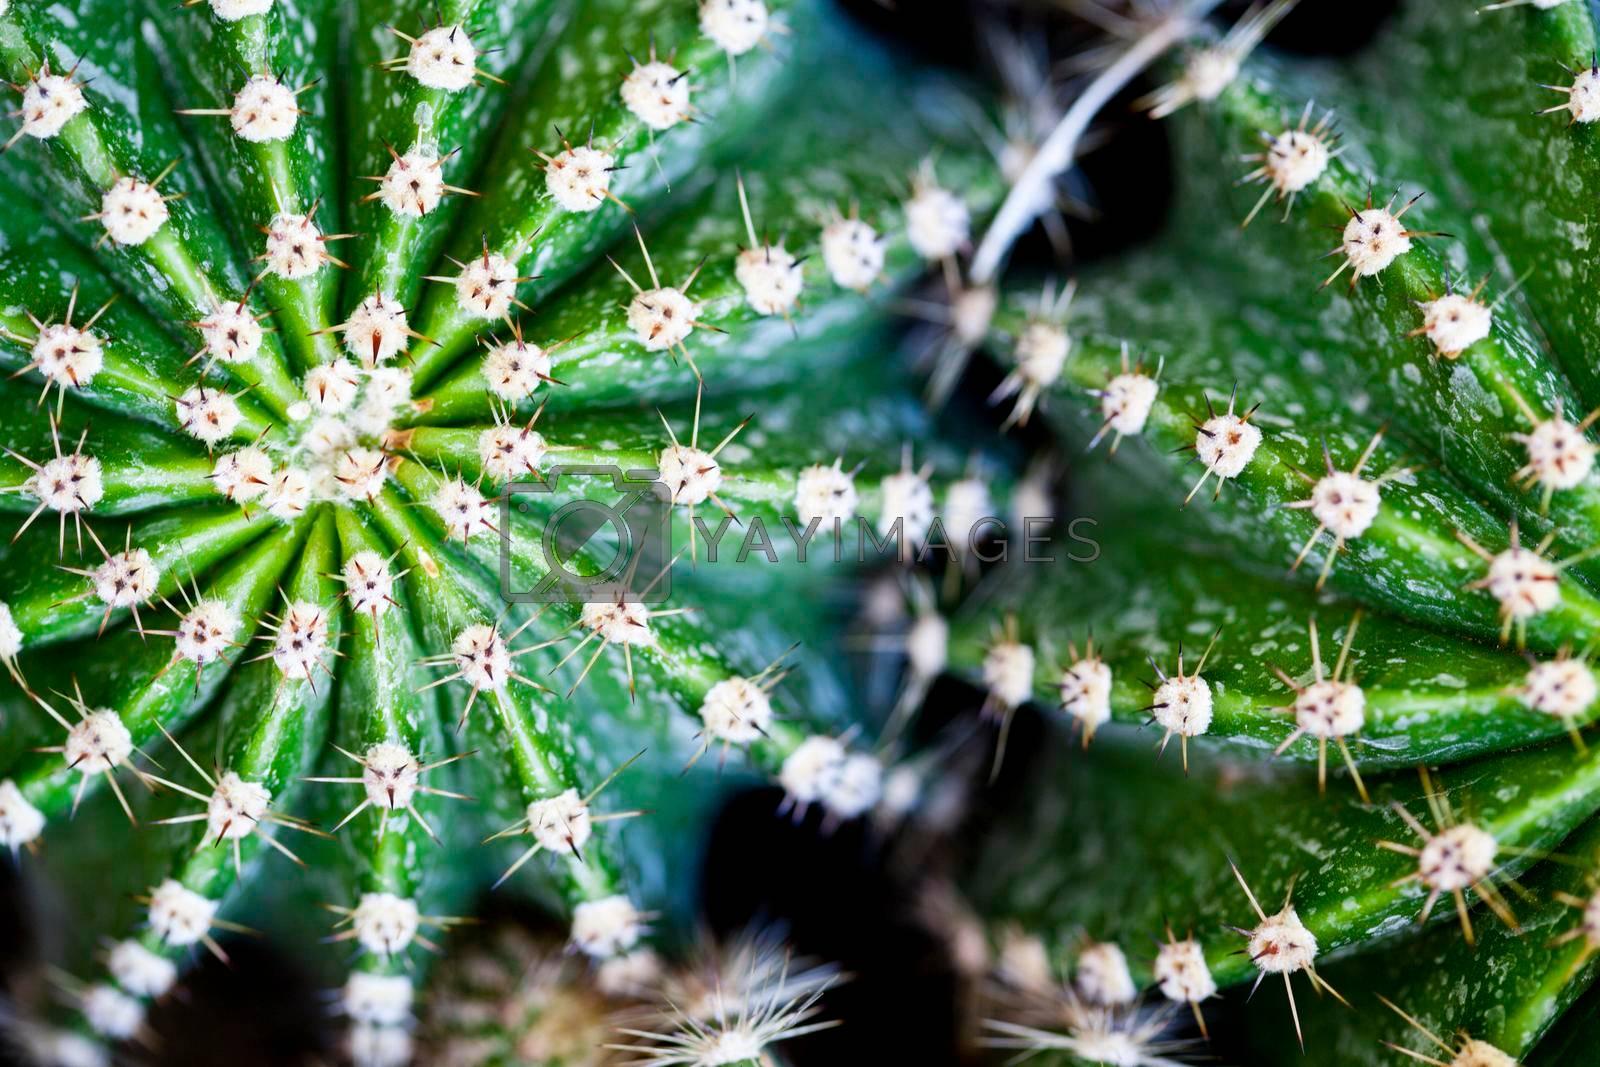 Cactus macro image, selective focus. Green succulets closeup.